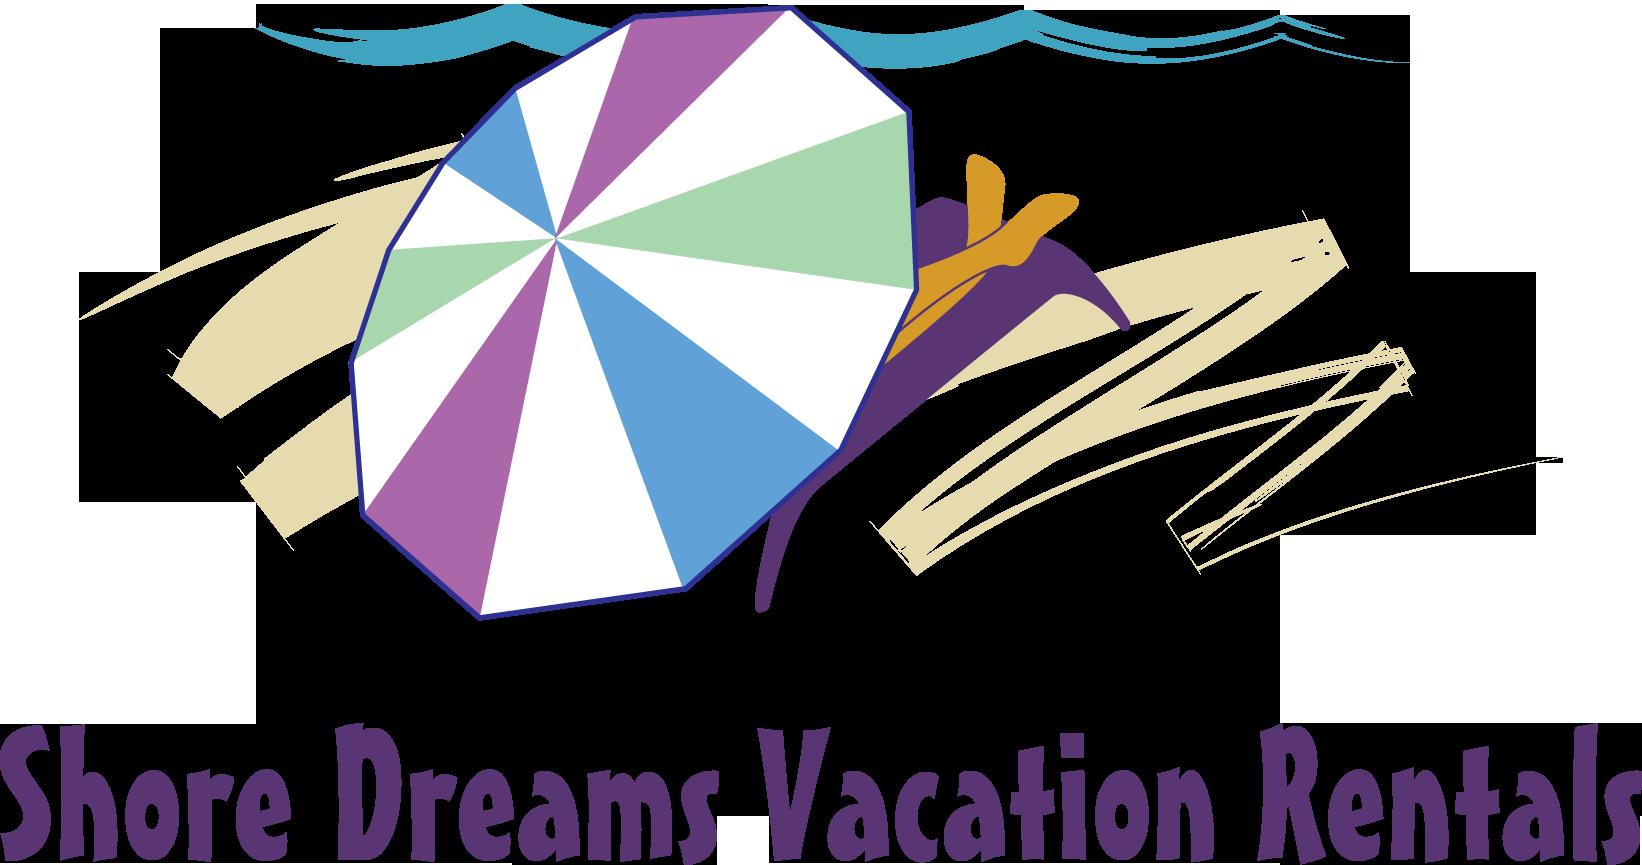 Shore Dreams Vacation Rentals